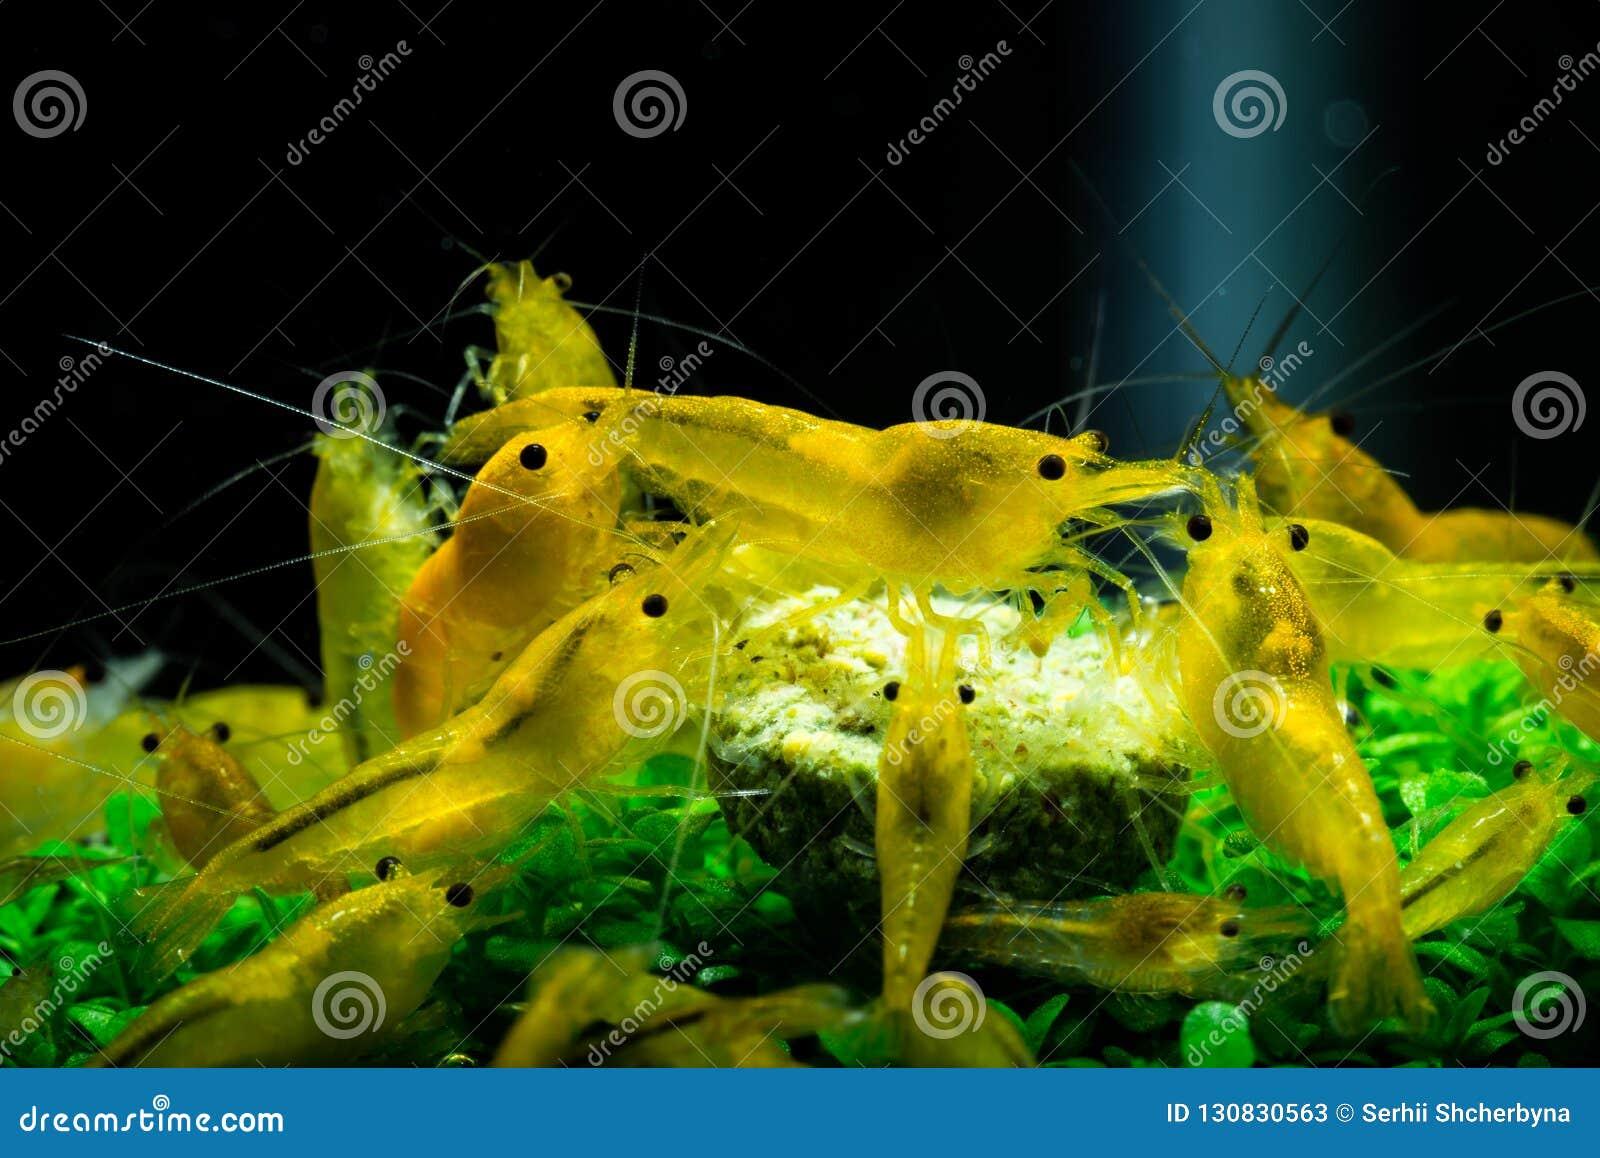 Yellow Neocaridina Shrimp Water Pet Aquarium Home Stock